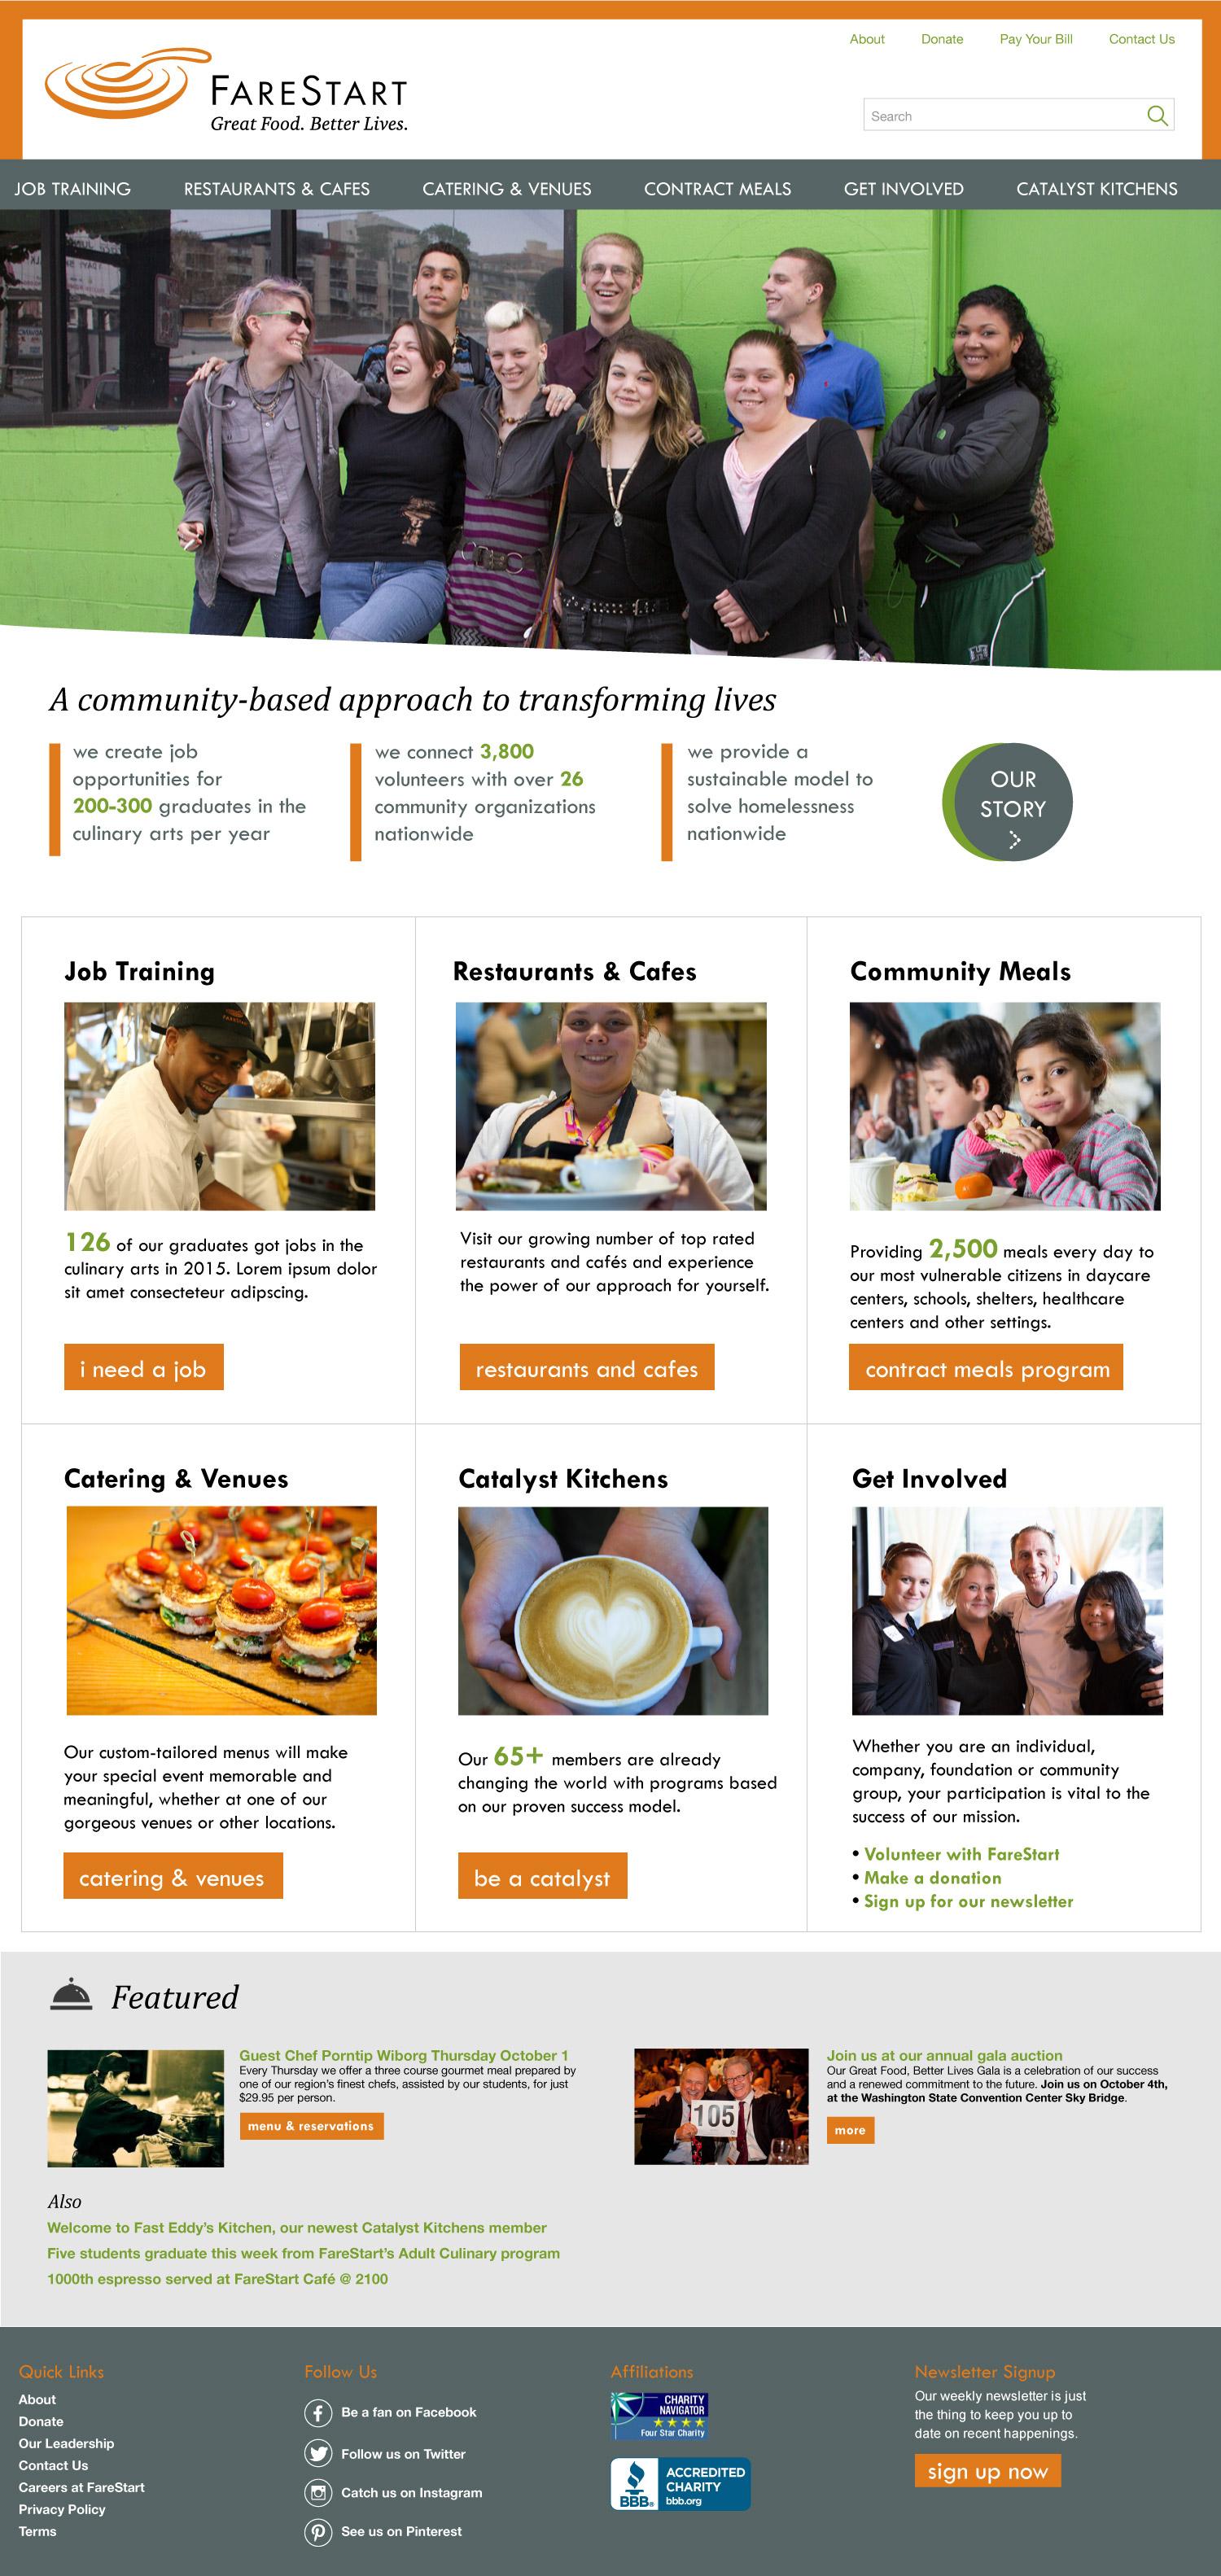 FareStart home page